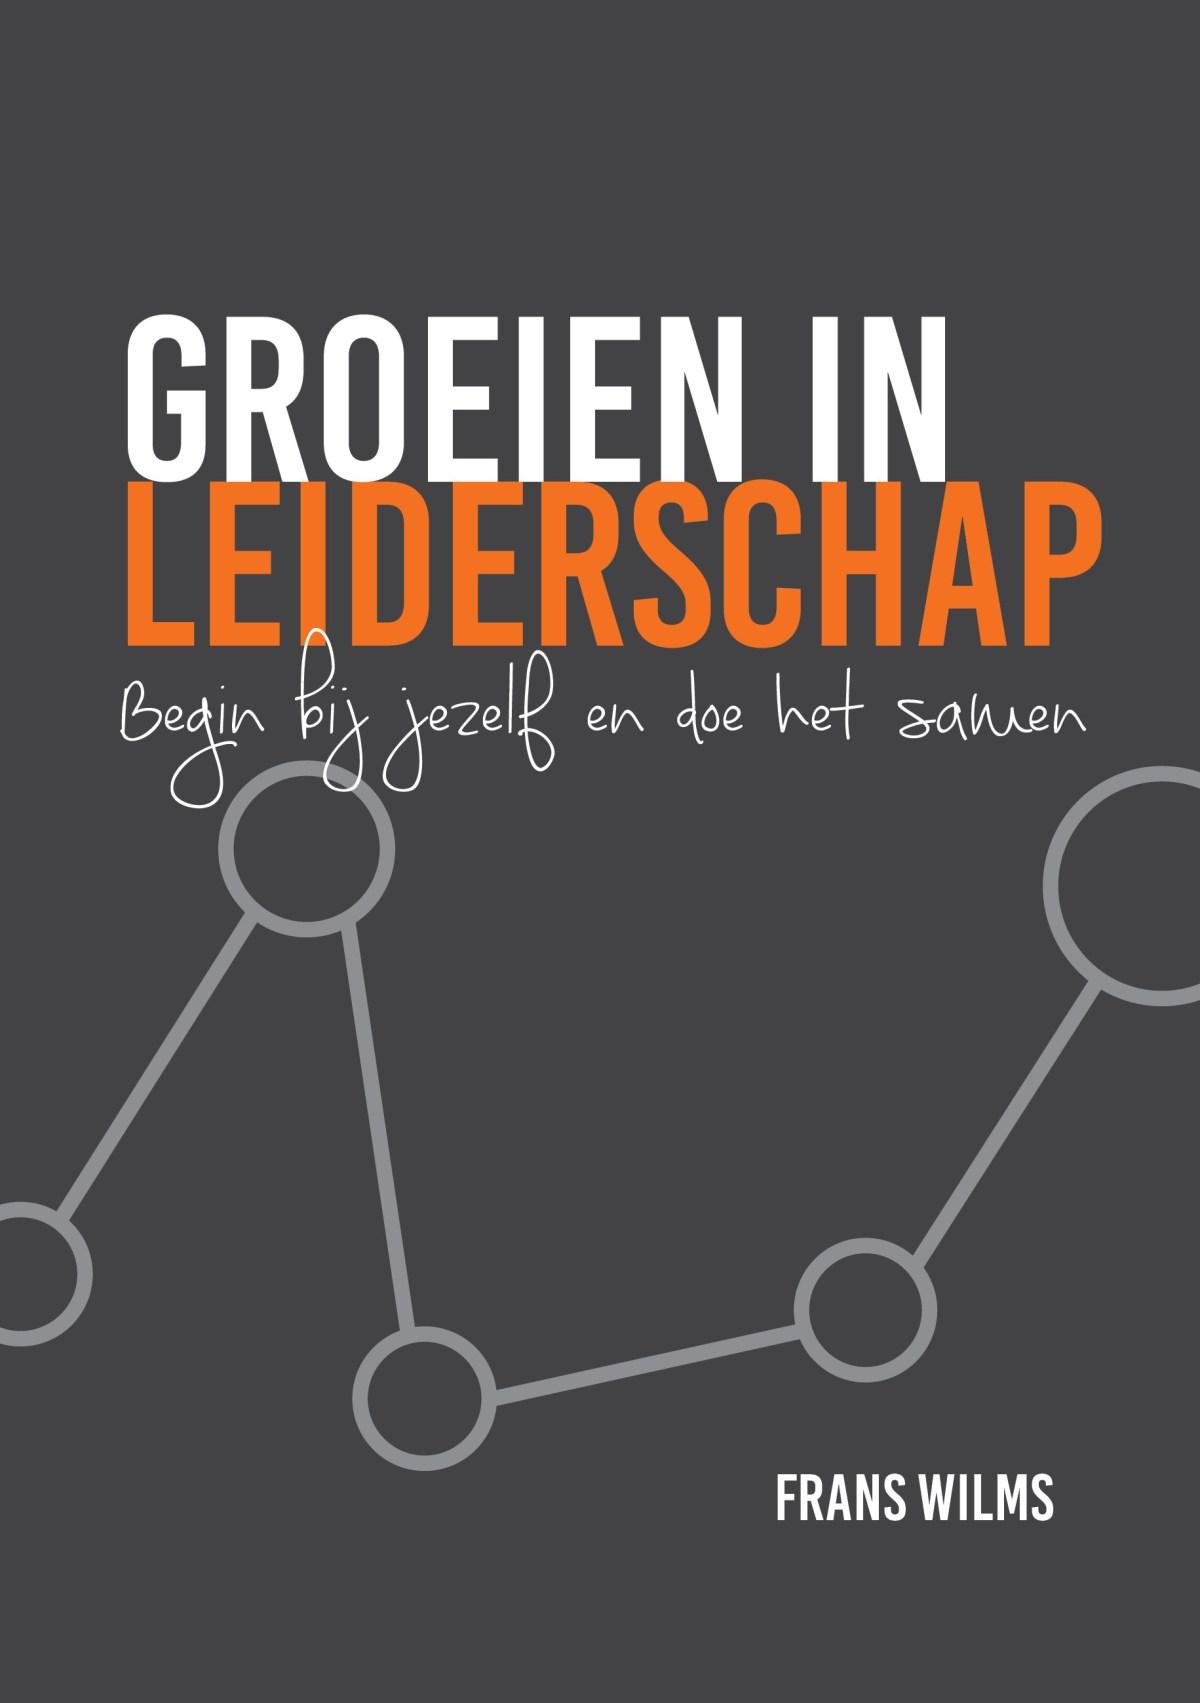 Groeien in leiderschap